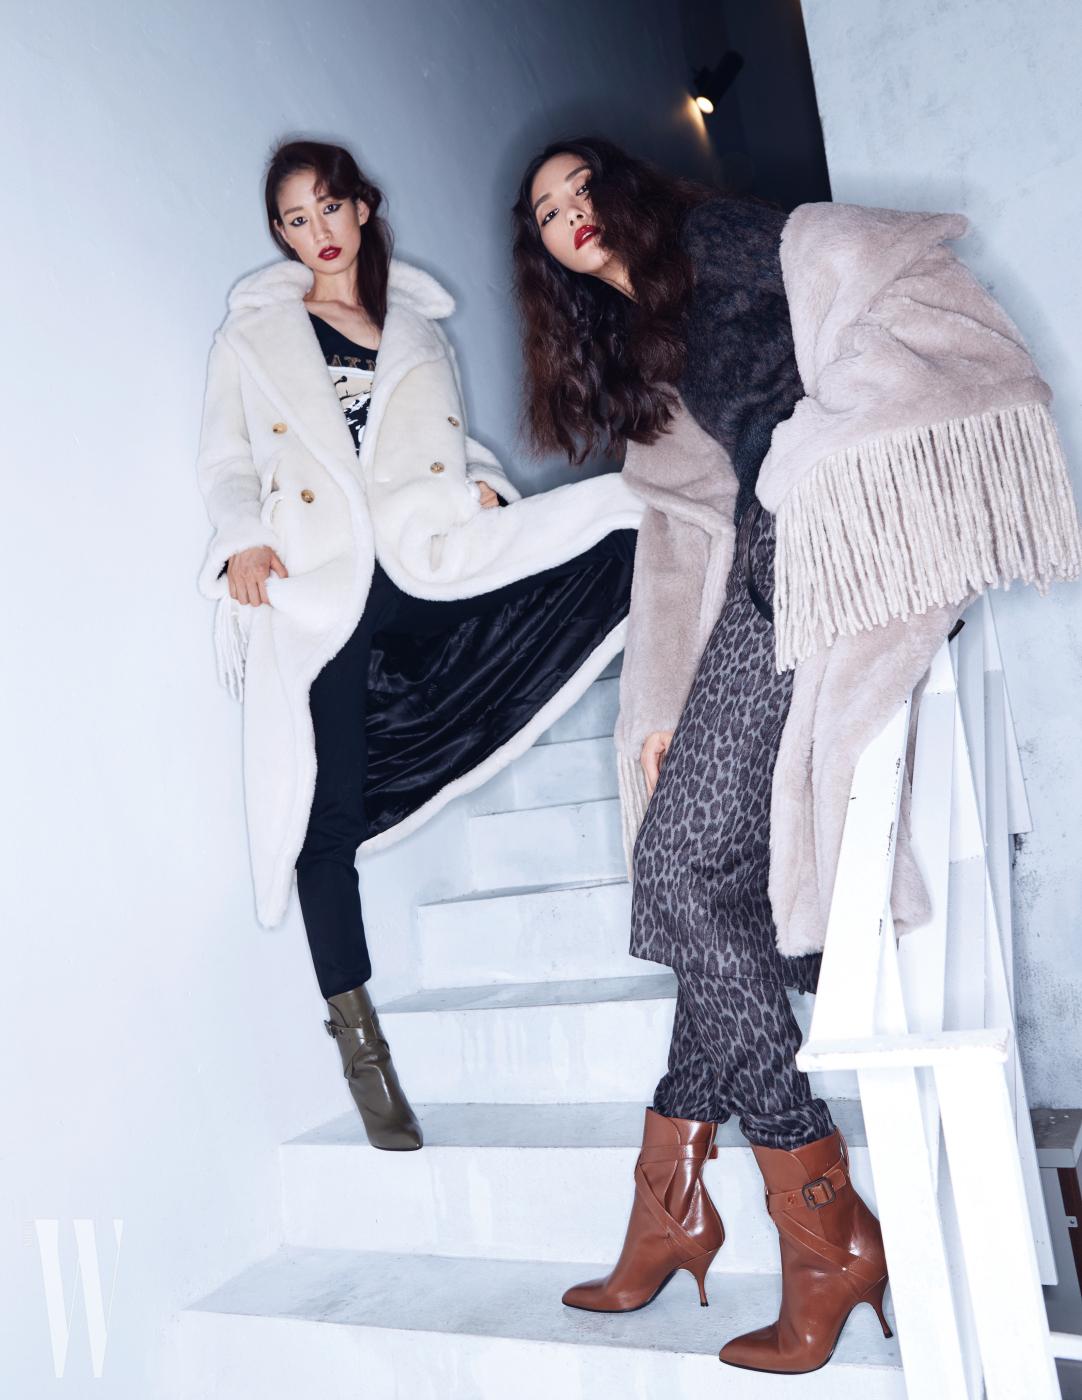 왼쪽 | 순백의 퍼 코트와 티셔츠, 팬츠는 모두 Max Mara 제품. 버클 장식 부츠는 Bottega Veneta 제품. 오른쪽 | 프린지 장식 숄 형태의 코트, 톱, 레오퍼드 패턴의 스커트와 이너로 연출한 팬츠는 모두 Max Mara 제품. 버클 장식 부츠는 Bottega Veneta 제품.